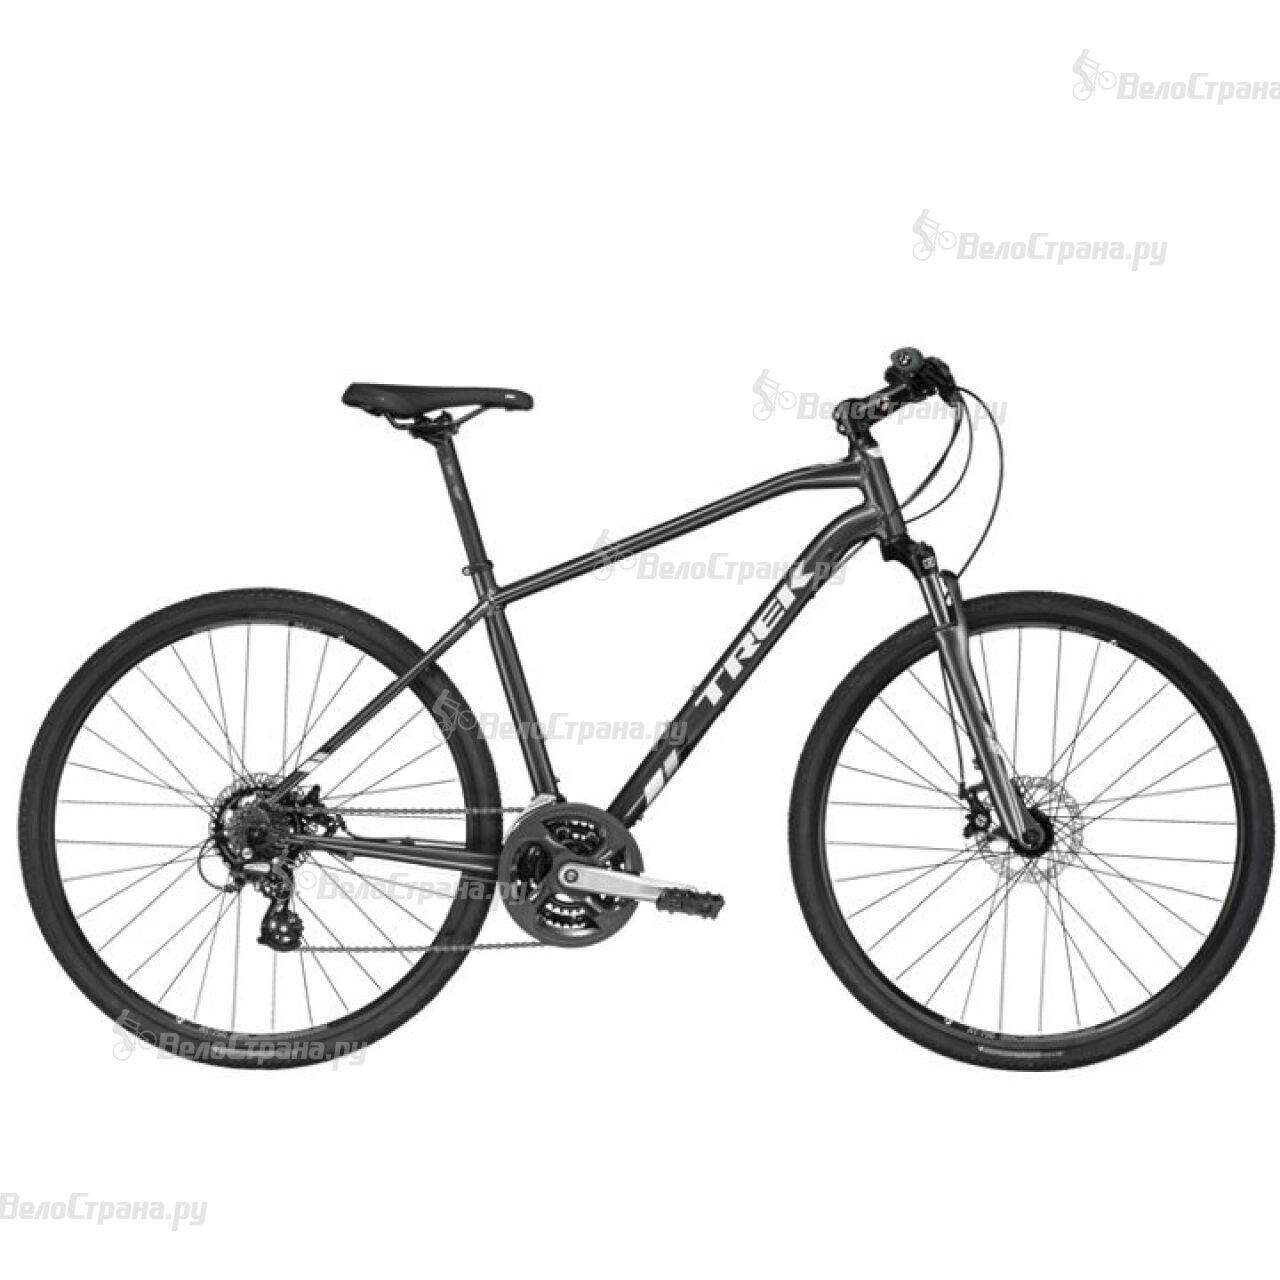 Велосипед Trek DS 1 (2017)